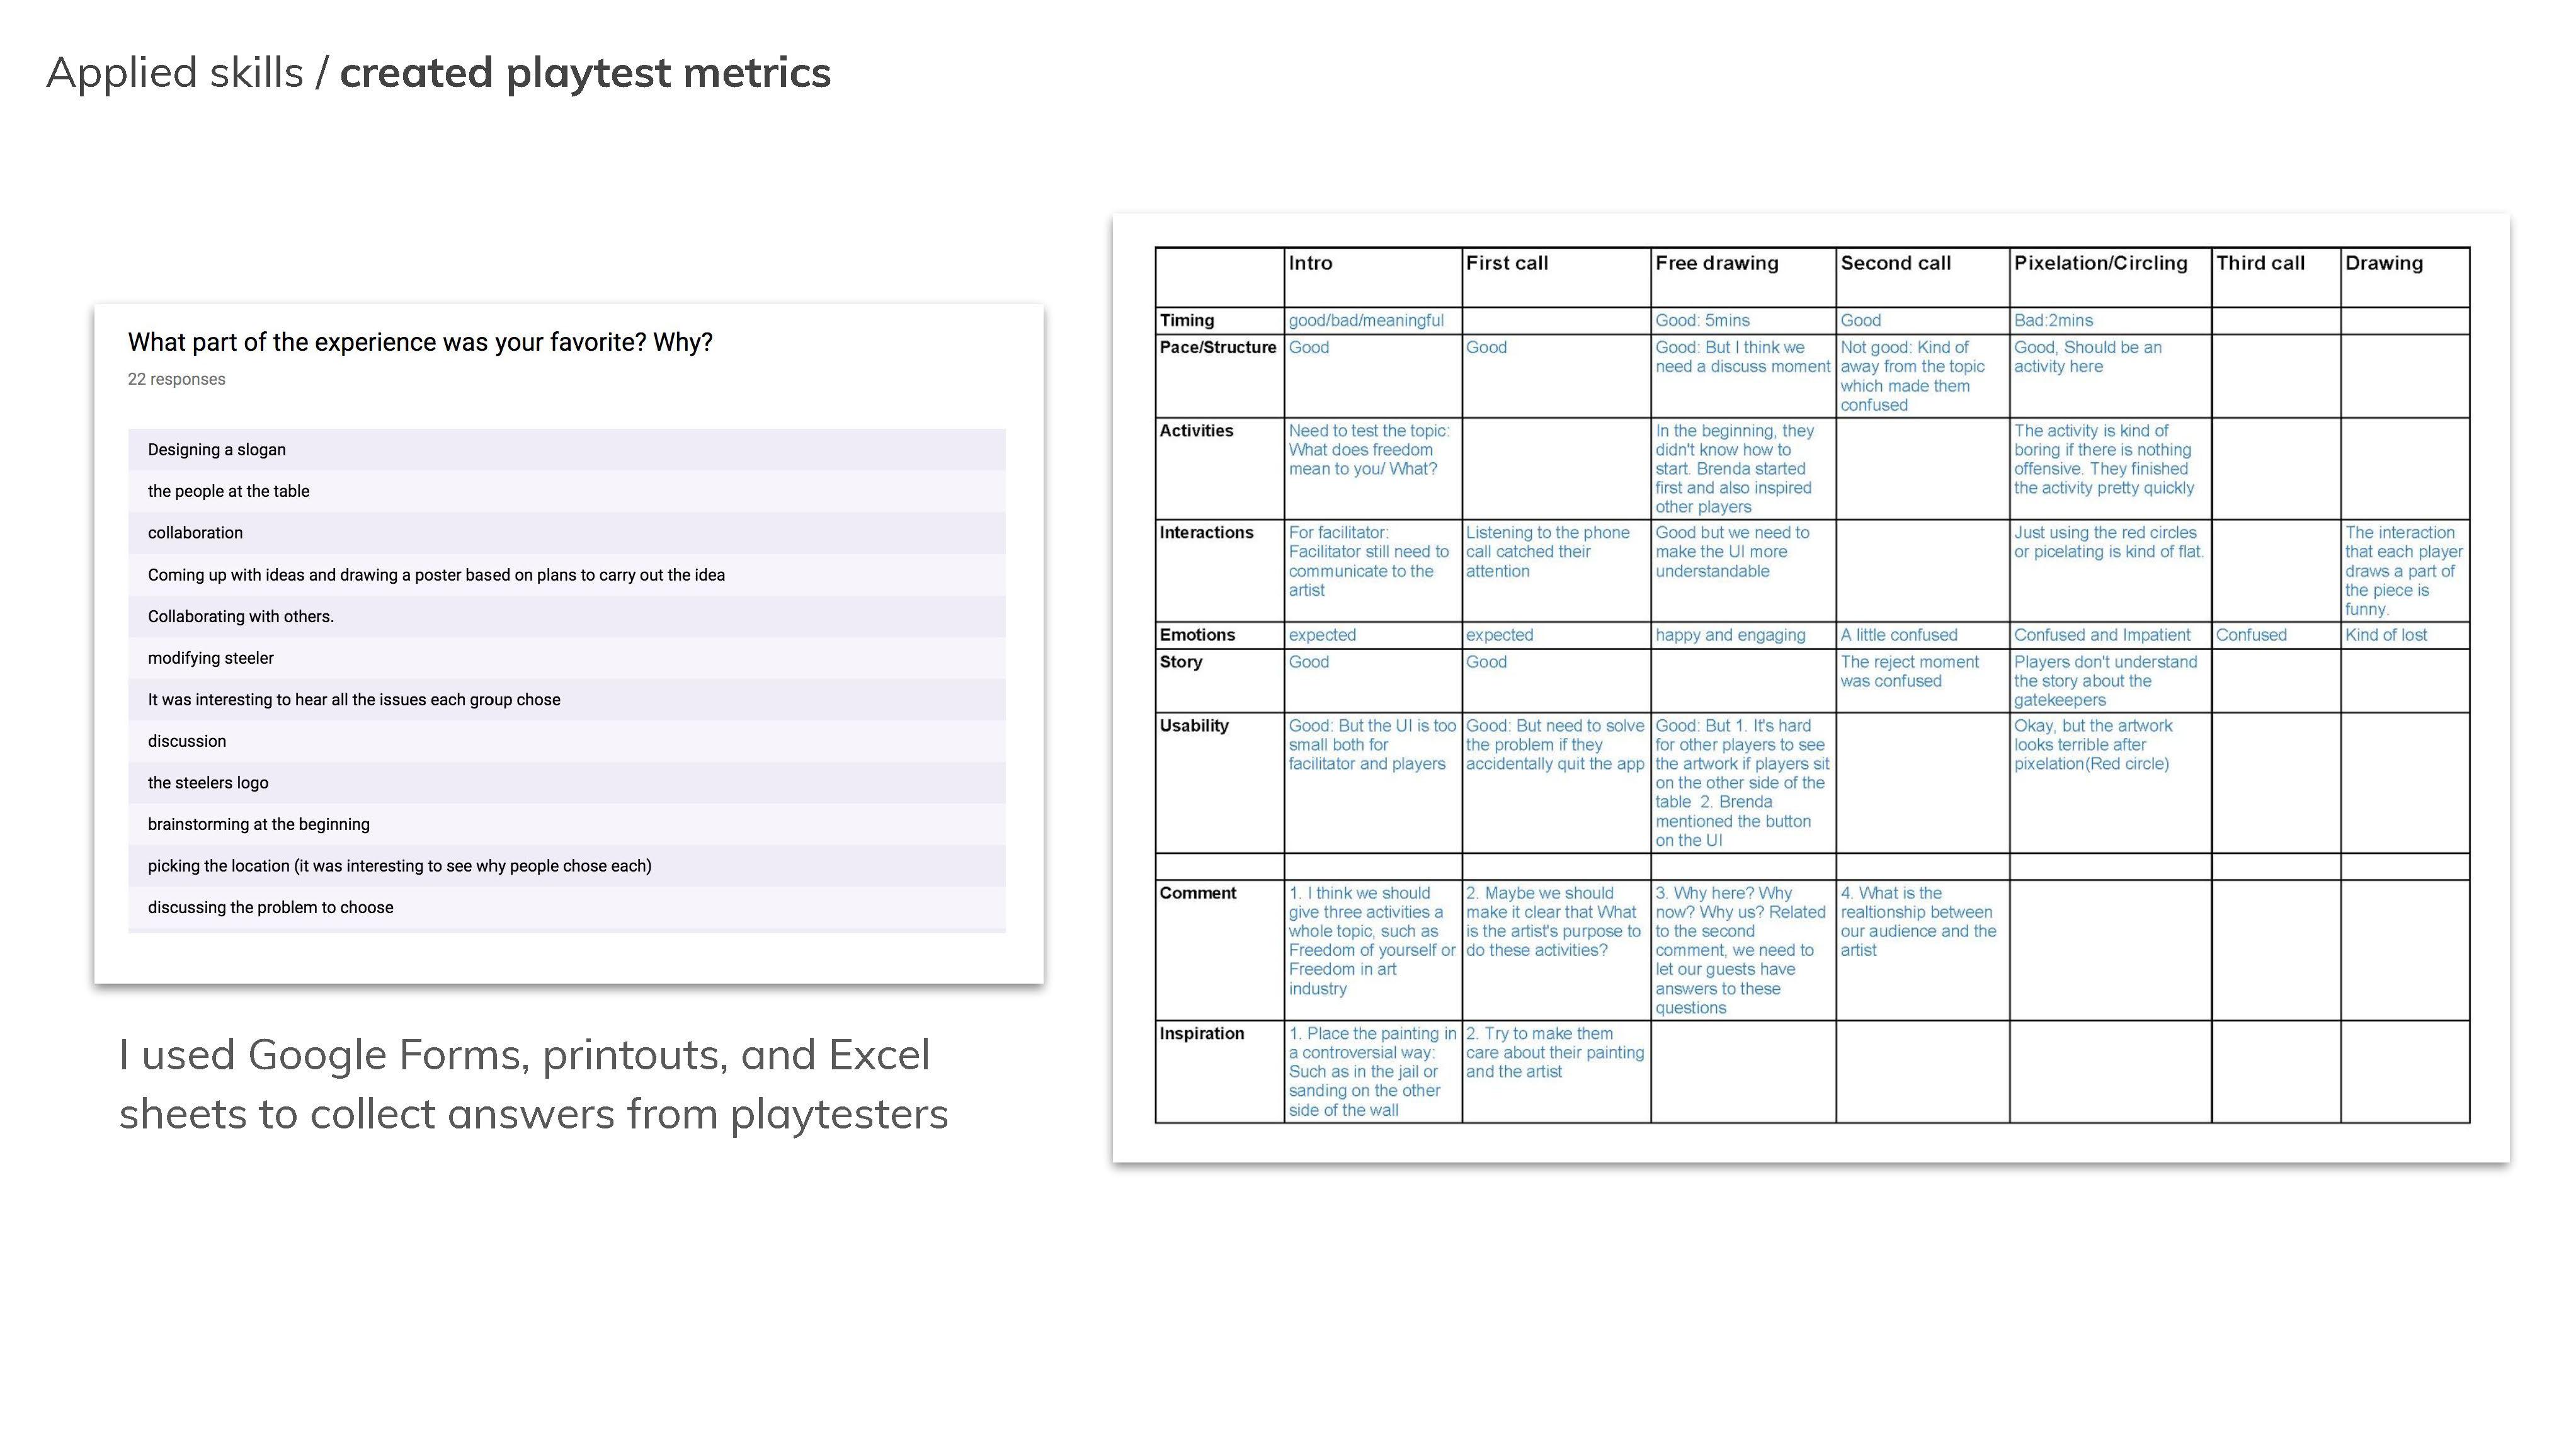 playtest metrics